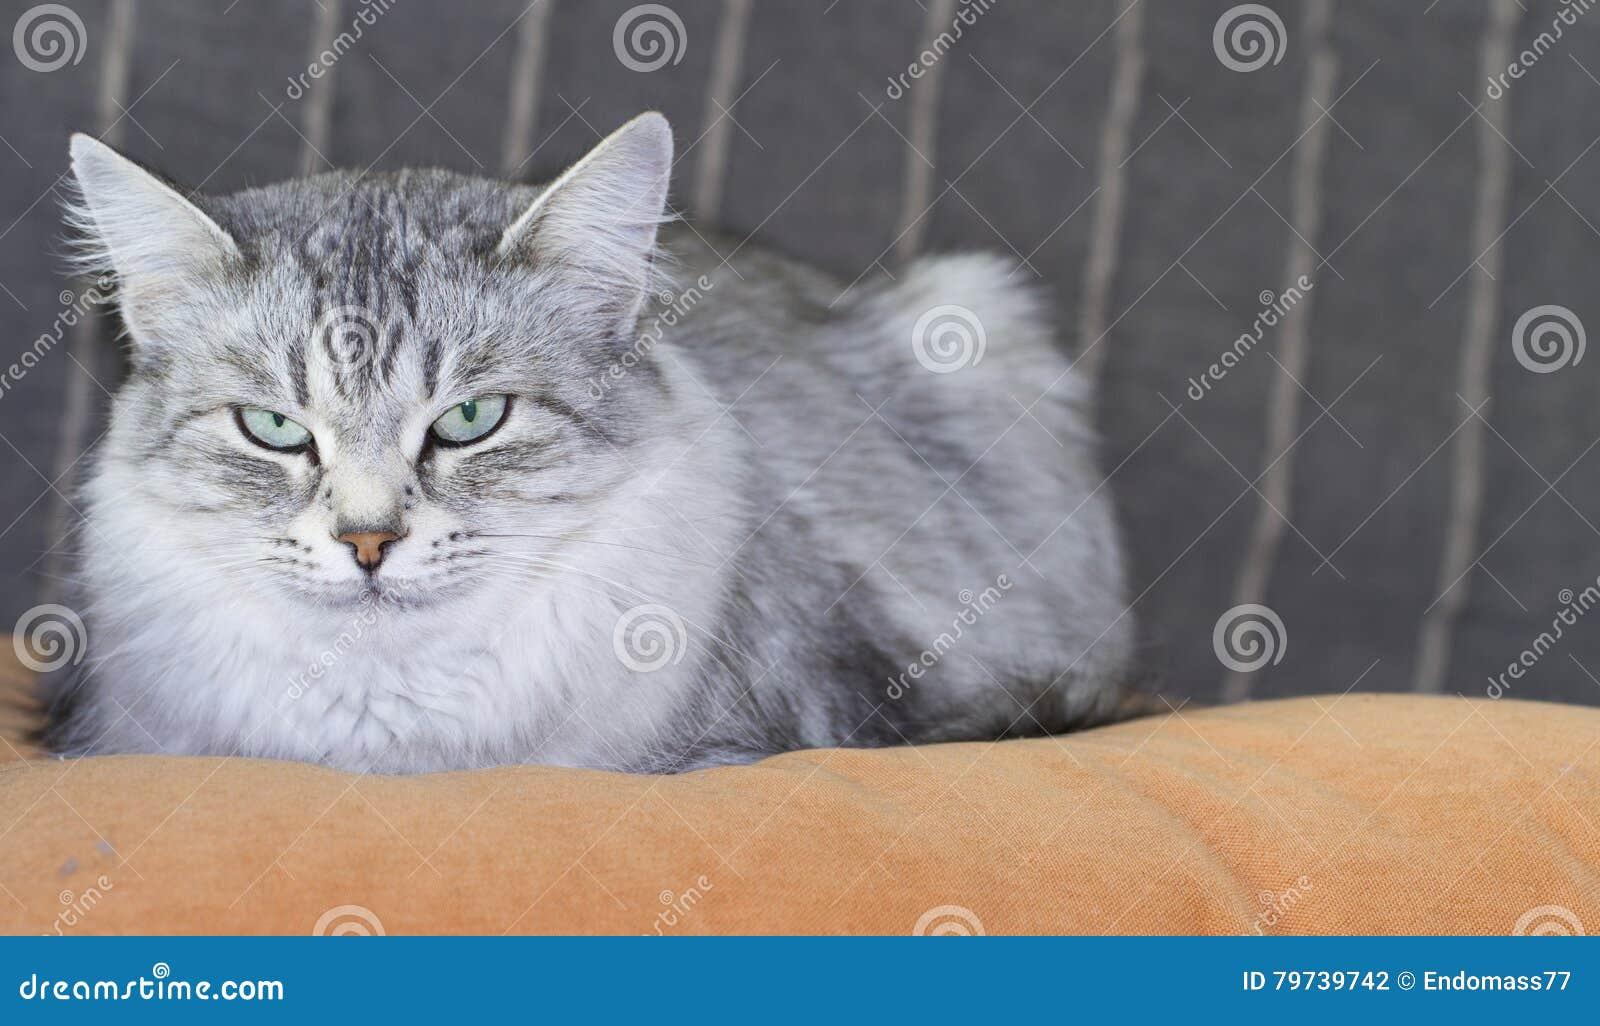 Gato siberiano de plata peludo en el sofá